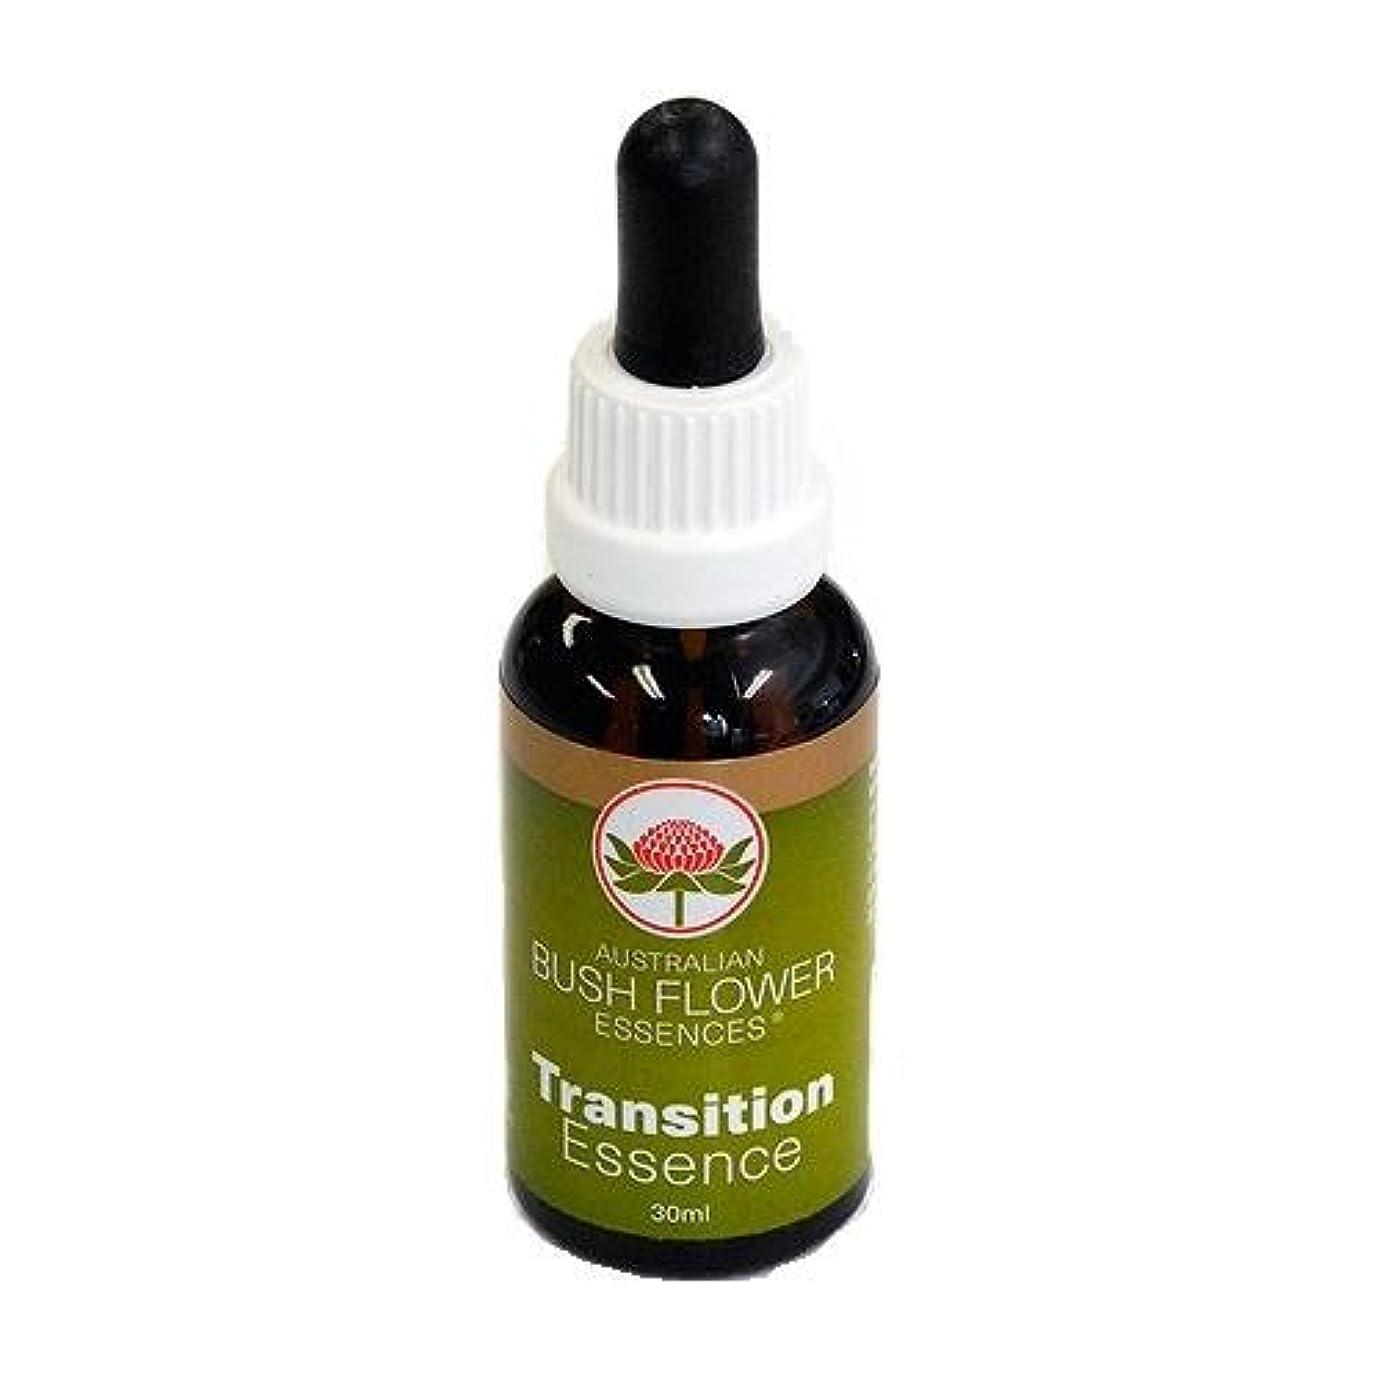 作業細菌トリムオーストラリアンブッシュ トランジション 30ml コンビネーション フラワーエッセンス 日本国内正規品